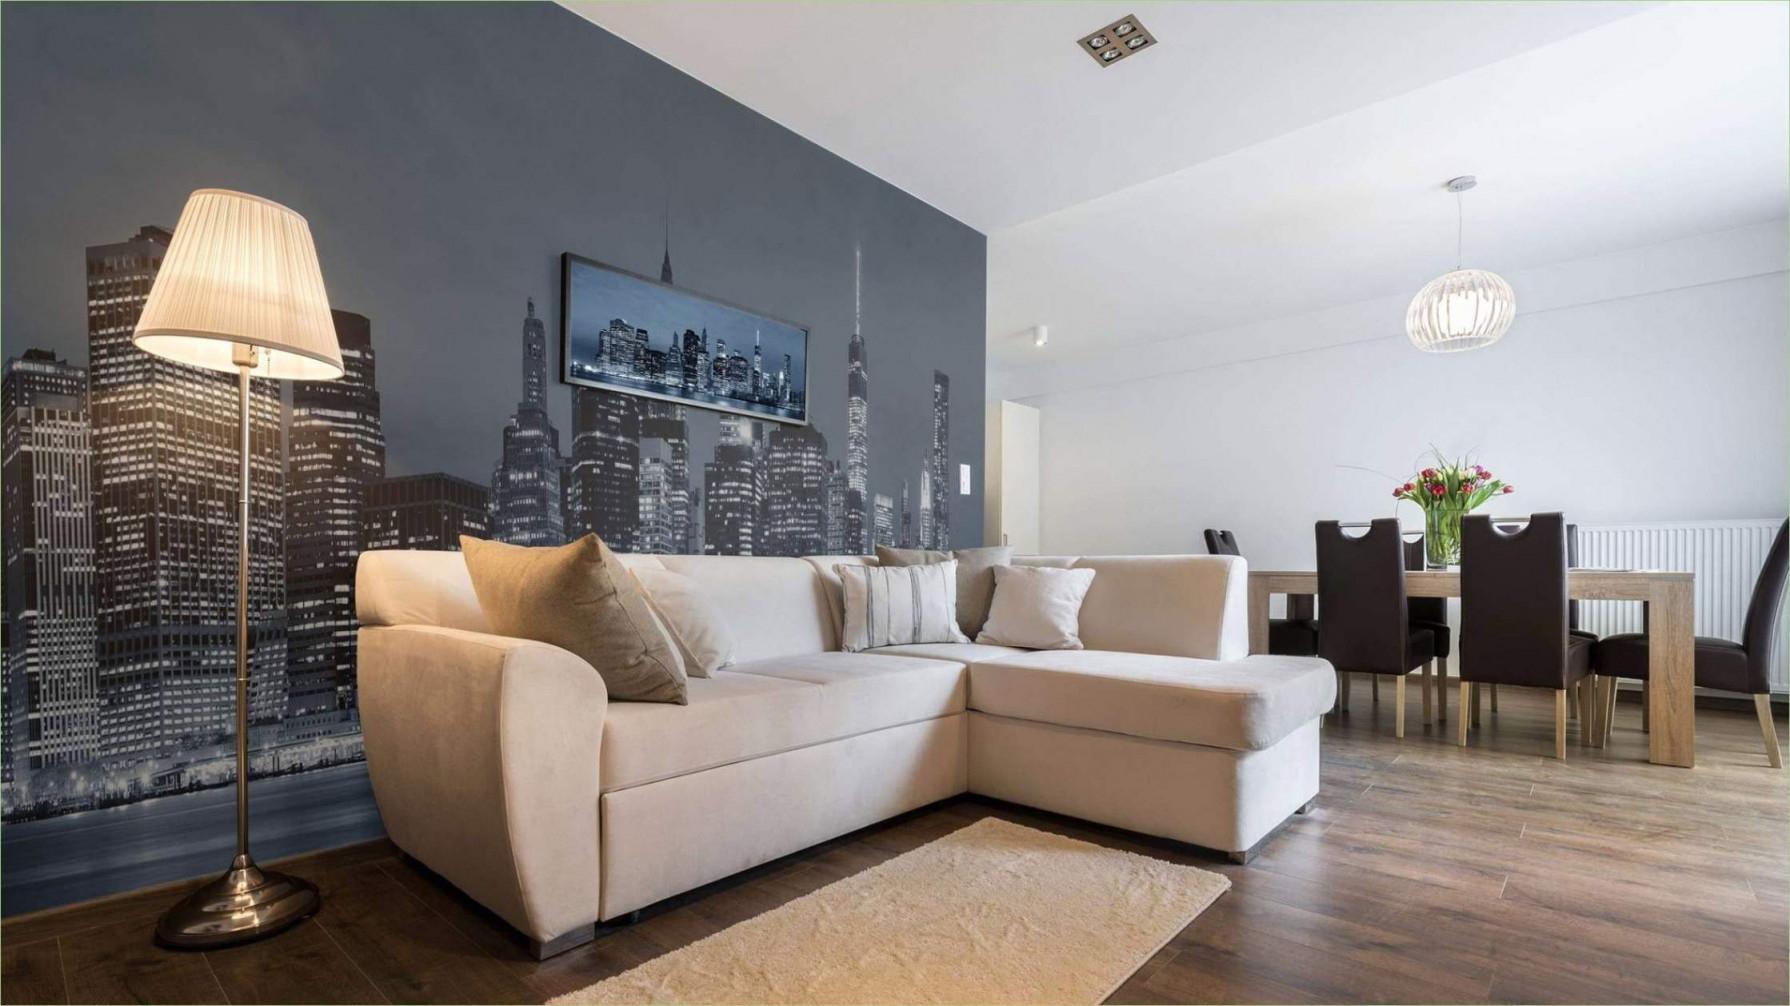 33 Reizend 16 Qm Wohnzimmer Einrichten Genial  Wohnzimmer von Wohnzimmer 16 Qm Einrichten Photo